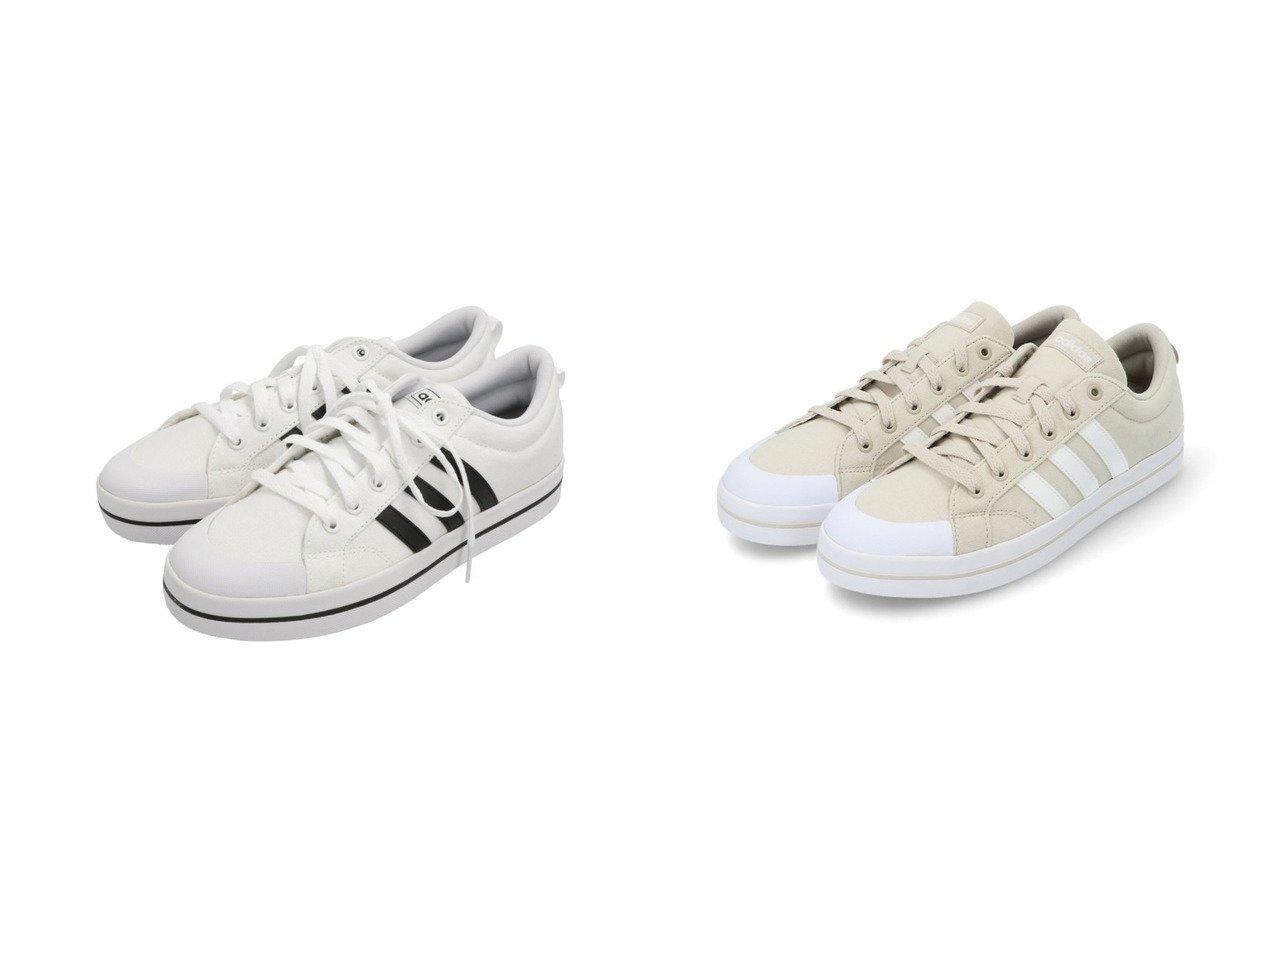 【adidas Sports Performance/アディダス スポーツ パフォーマンス】のBRAVADA 【シューズ・靴】おすすめ!人気トレンド・レディースファッション通販 おすすめで人気の流行・トレンド、ファッションの通販商品 インテリア・家具・メンズファッション・キッズファッション・レディースファッション・服の通販 founy(ファニー) https://founy.com/ ファッション Fashion レディースファッション WOMEN キャンバス シューズ スニーカー スリッポン フィット レギュラー |ID:crp329100000046500